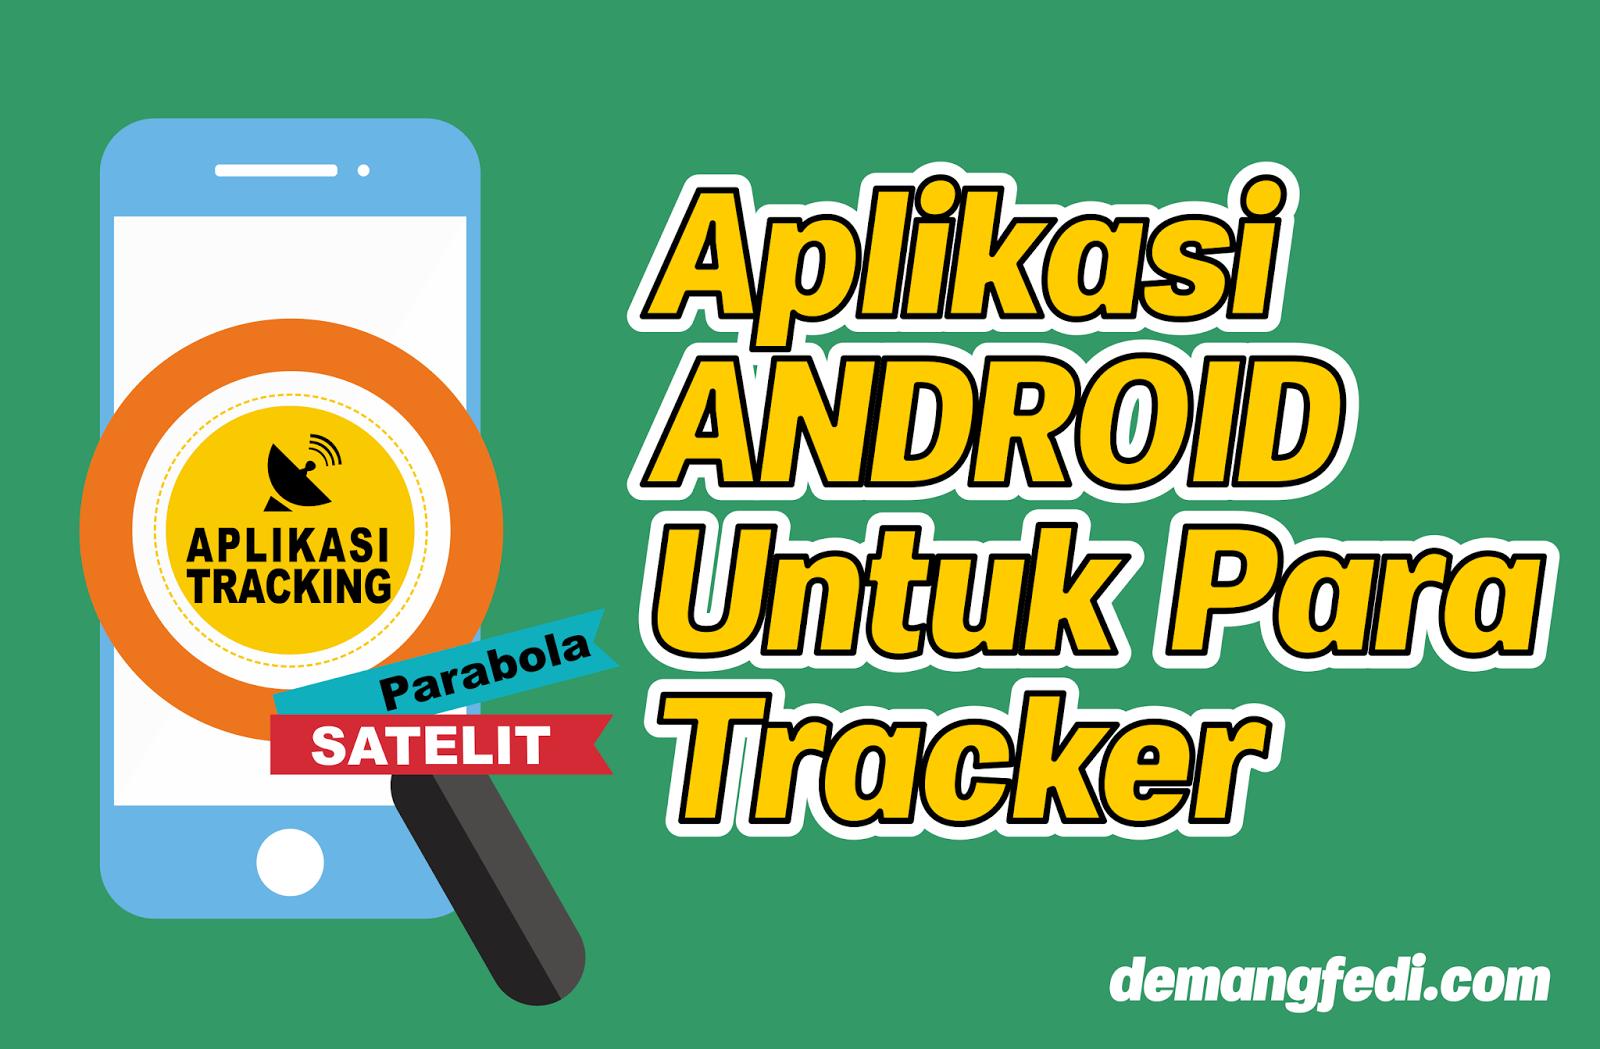 Aplikasi Android Untuk Tracking Parabola